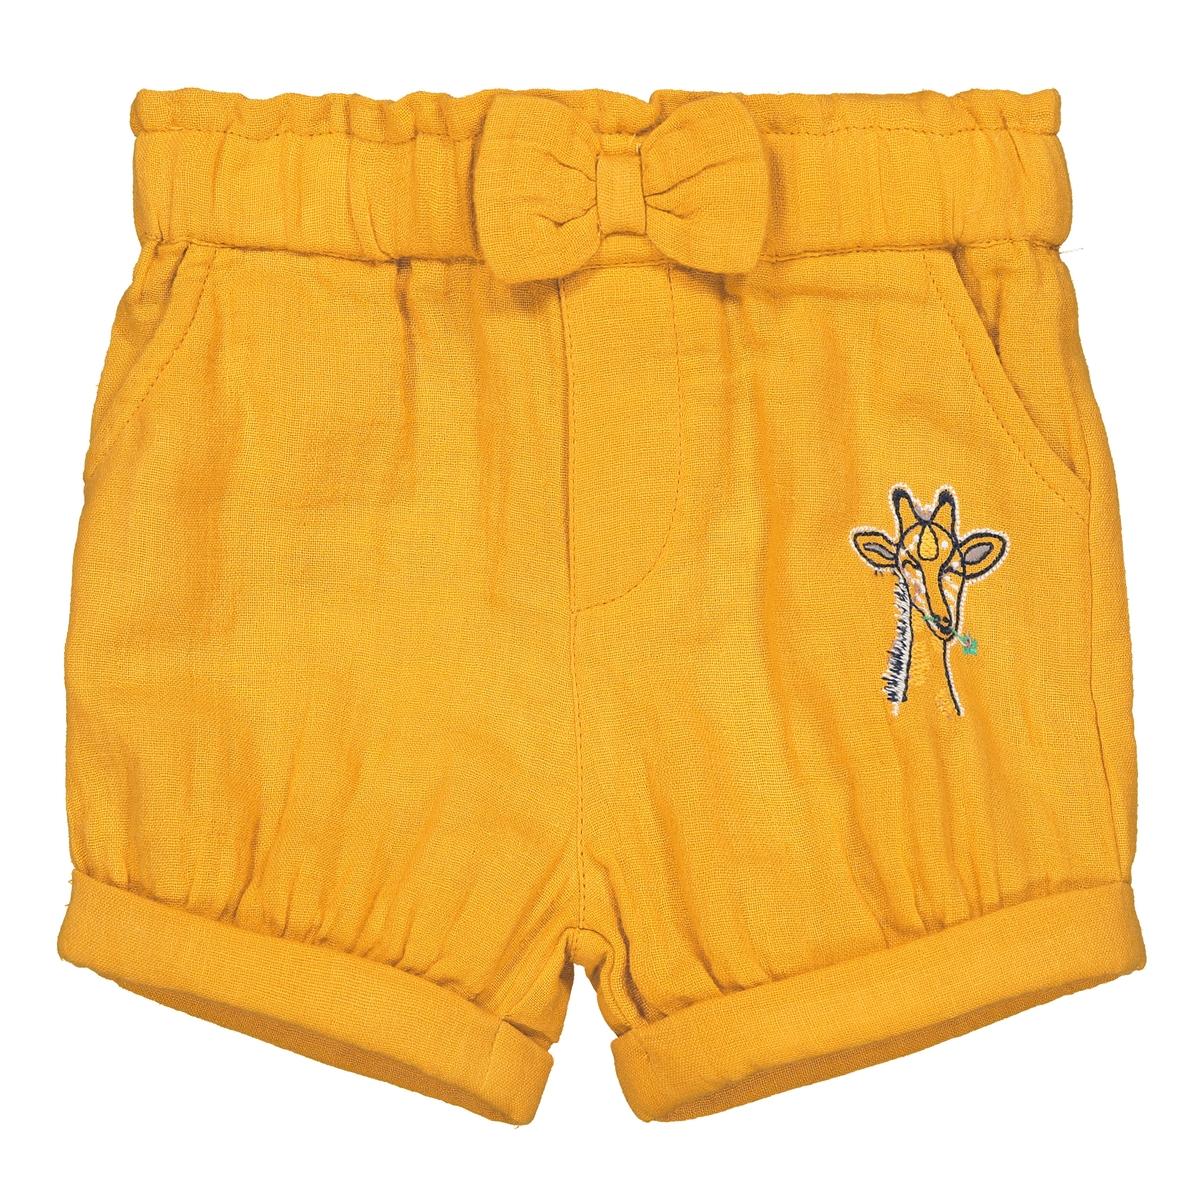 Шорты La Redoute С вышивкой мес - года 3 года - 94 см желтый шорты с вышивкой 1 мес 3 года